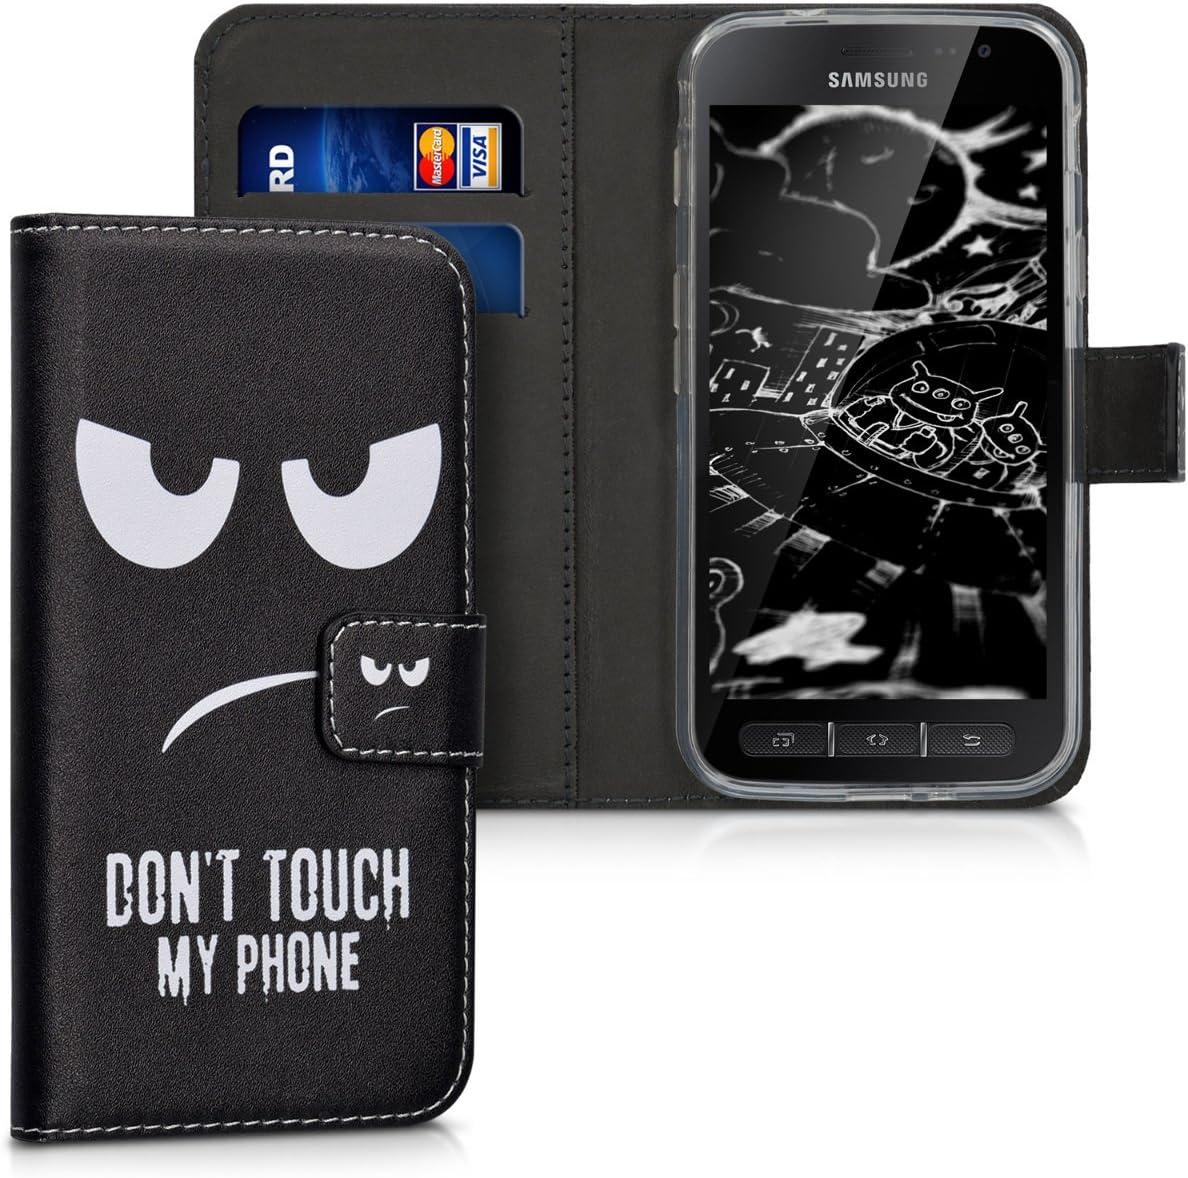 Kwmobile Hülle Kompatibel Mit Samsung Galaxy Xcover 4 4s Kunstleder Wallet Case Mit Kartenfächern Stand Don T Touch My Phone Weiß Schwarz Elektronik